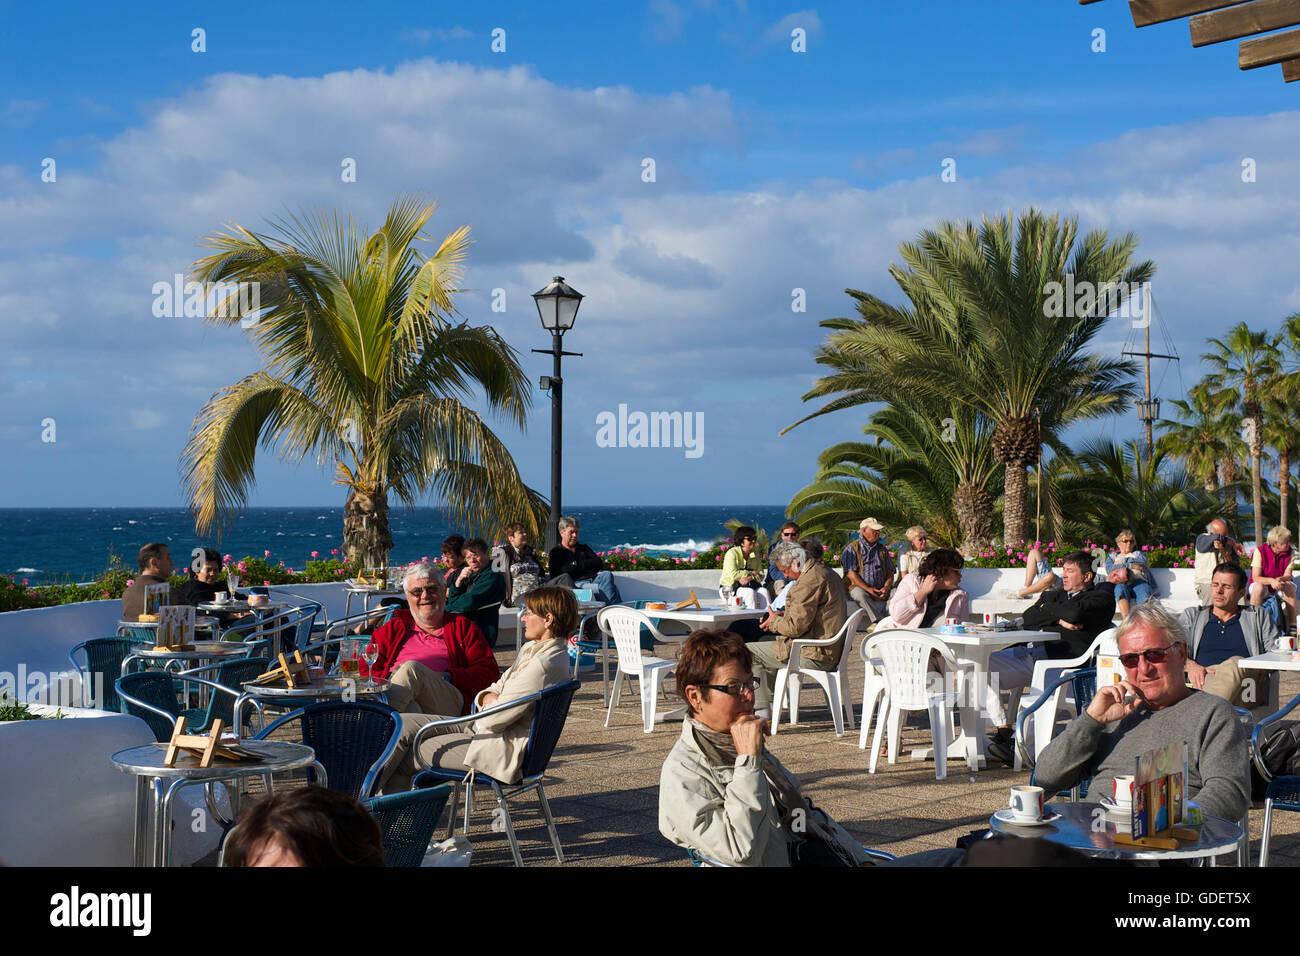 Straße Cafe in Puerto De La Cruz, Teneriffa, Kanarische Inseln, Spanien Stockfoto